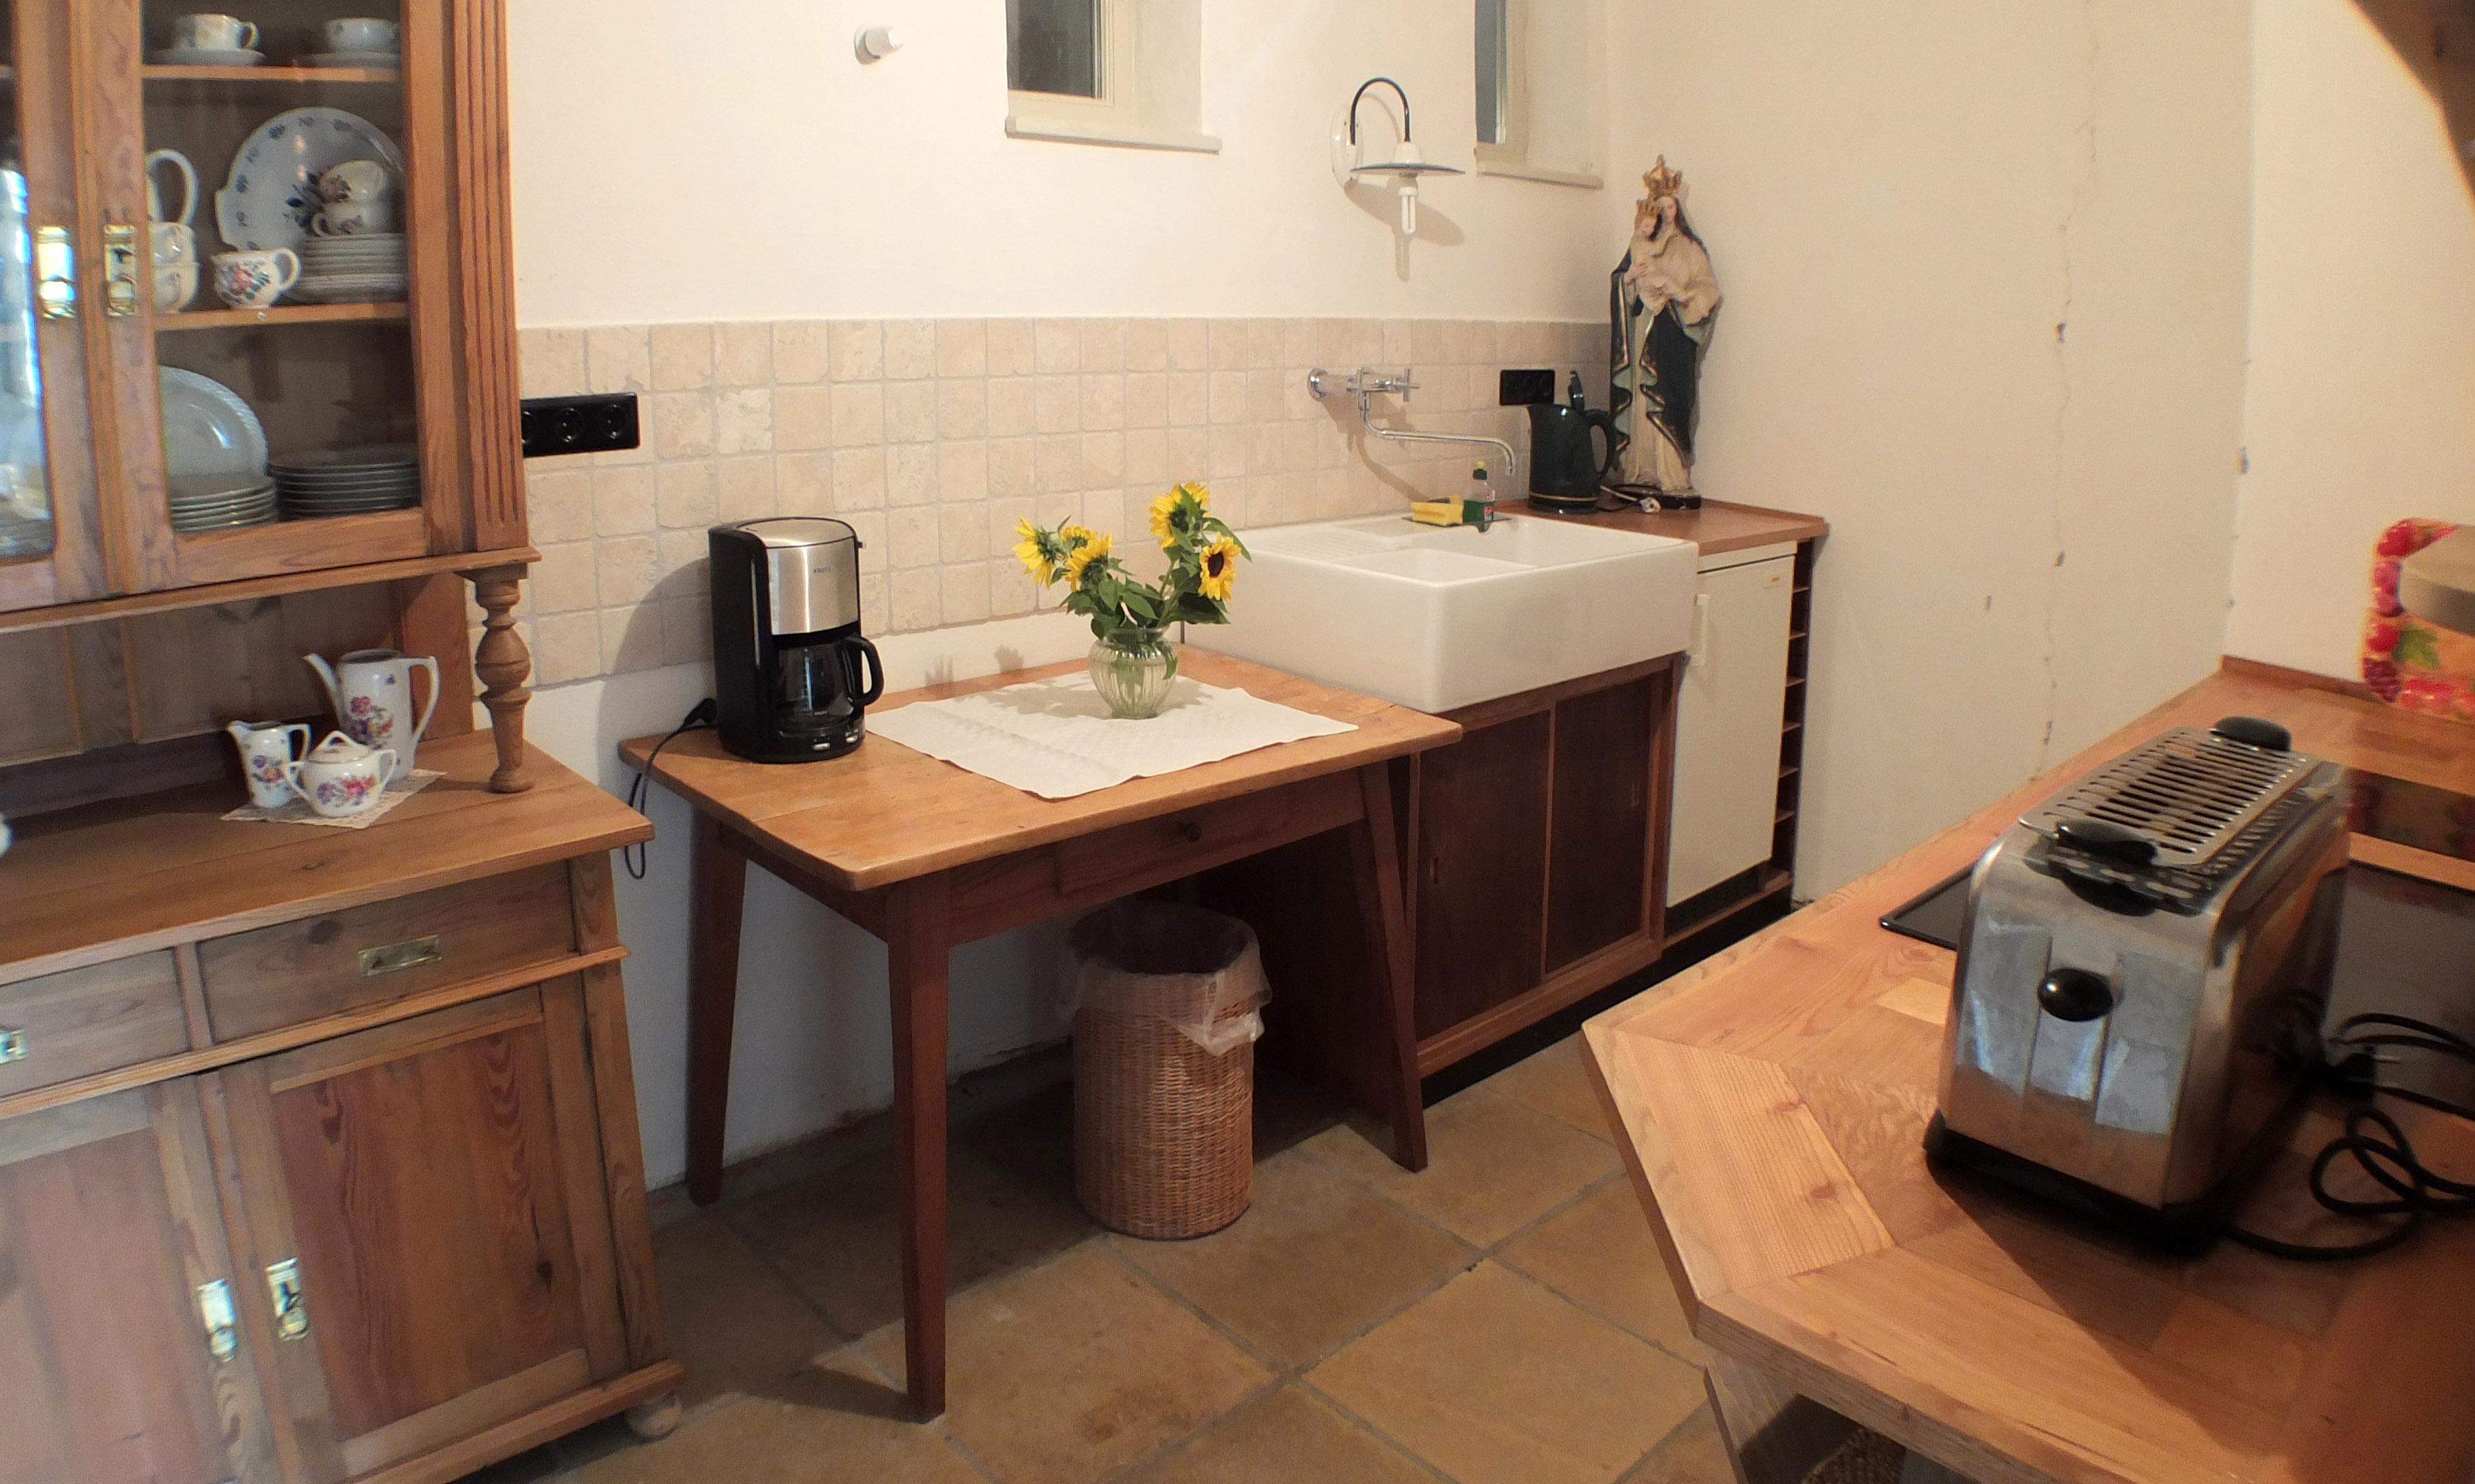 Fantastisch Küche Speise Setzt Uk Bilder - Ideen Für Die Küche ...